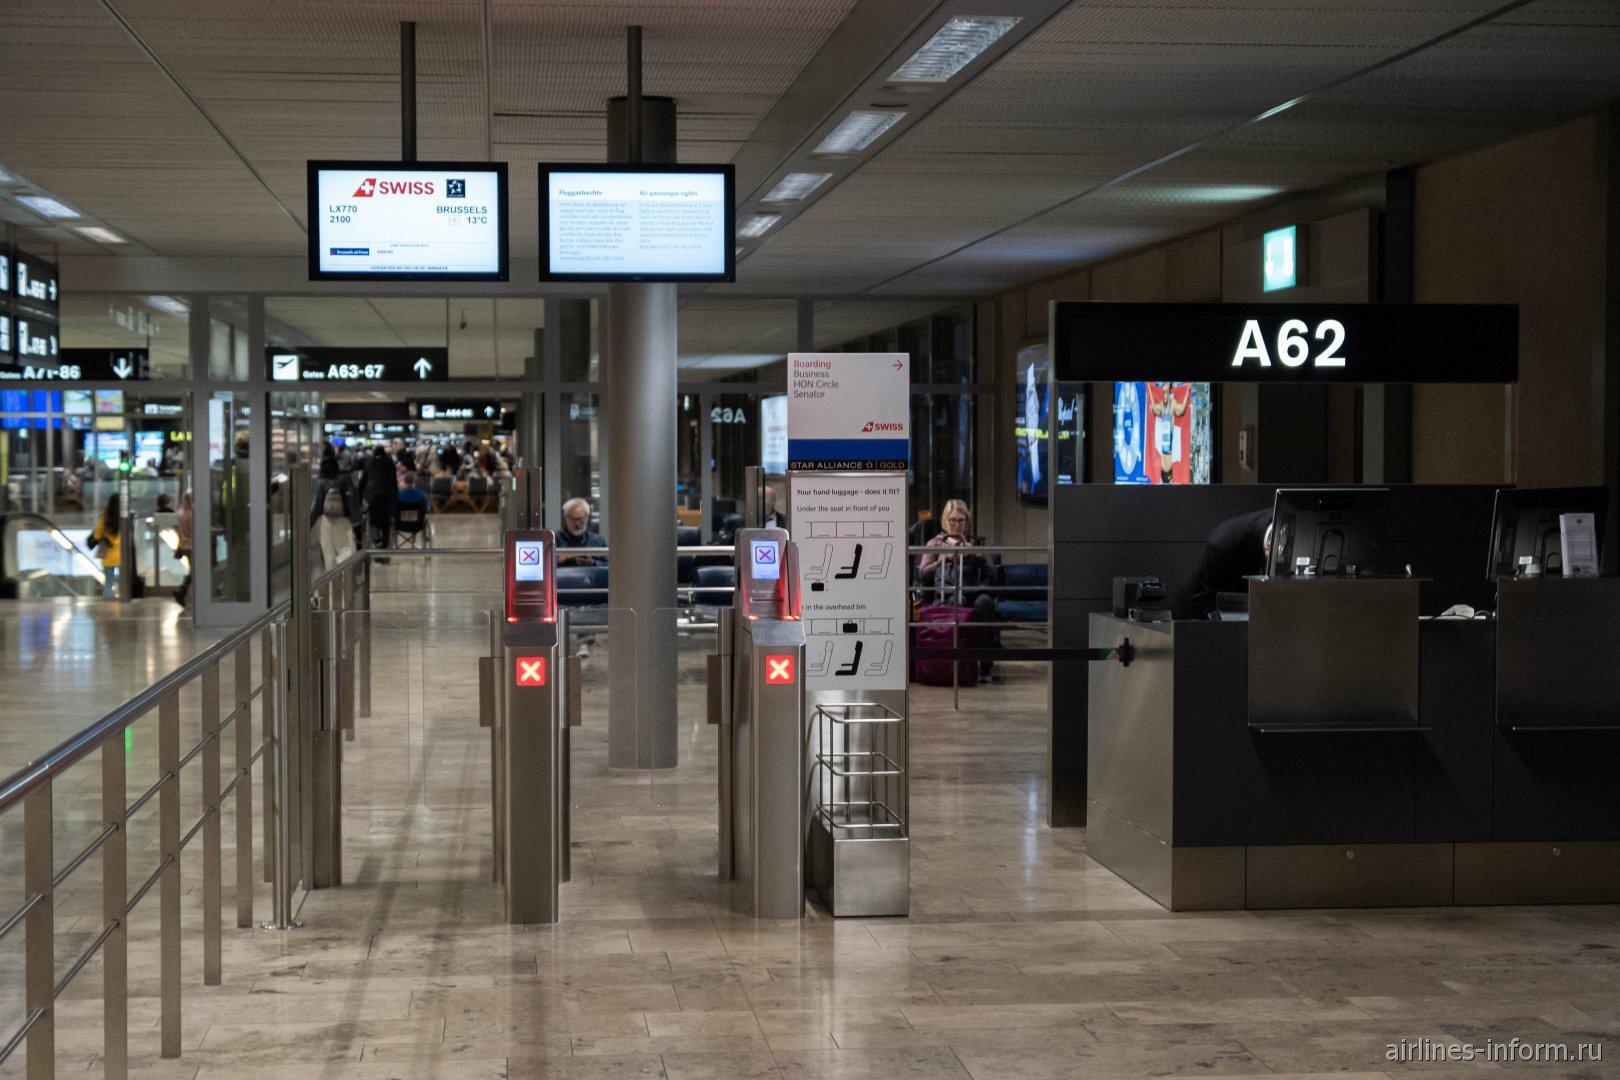 Выход на посадку в аэропорту Цюрих